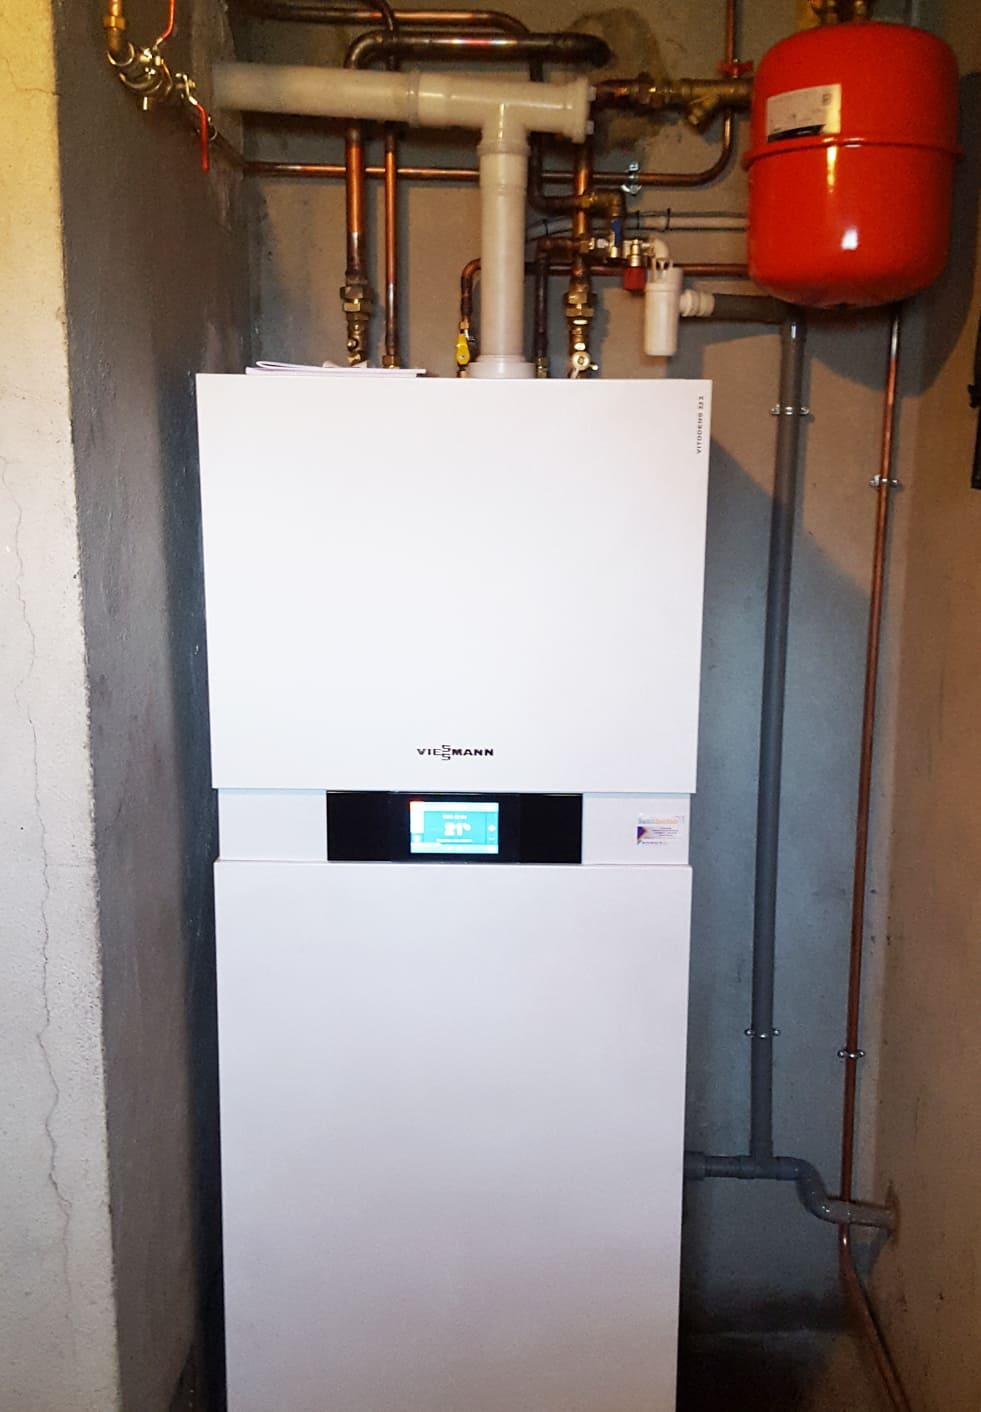 Installateur Climatisation Puy De Dome installation de climatisation à chatillon-sur-chalaronne